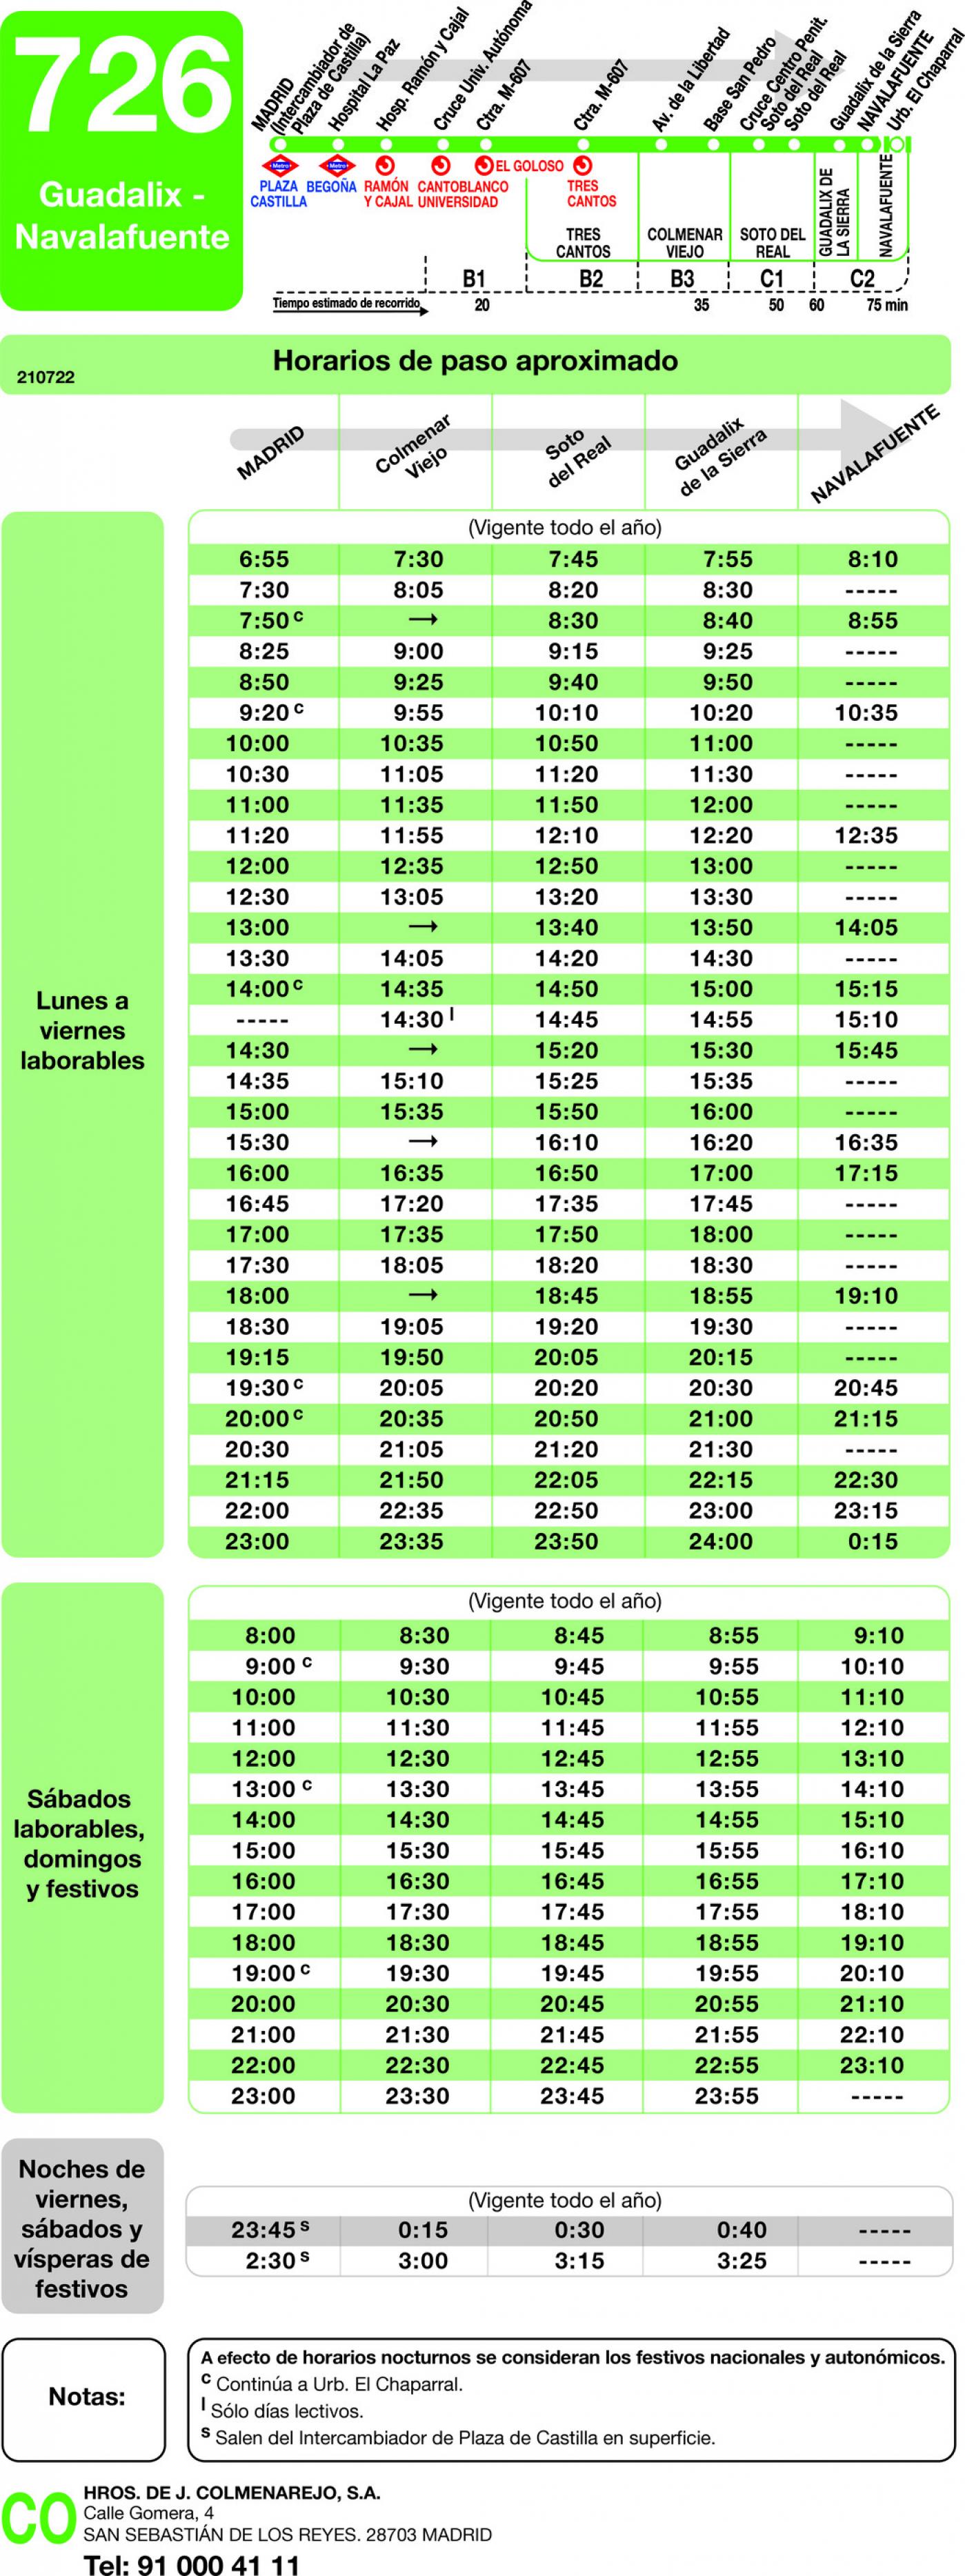 Tabla de horarios y frecuencias de paso en sentido ida Línea 726: Madrid (Plaza Castilla) - Guadalix - Navalafuente